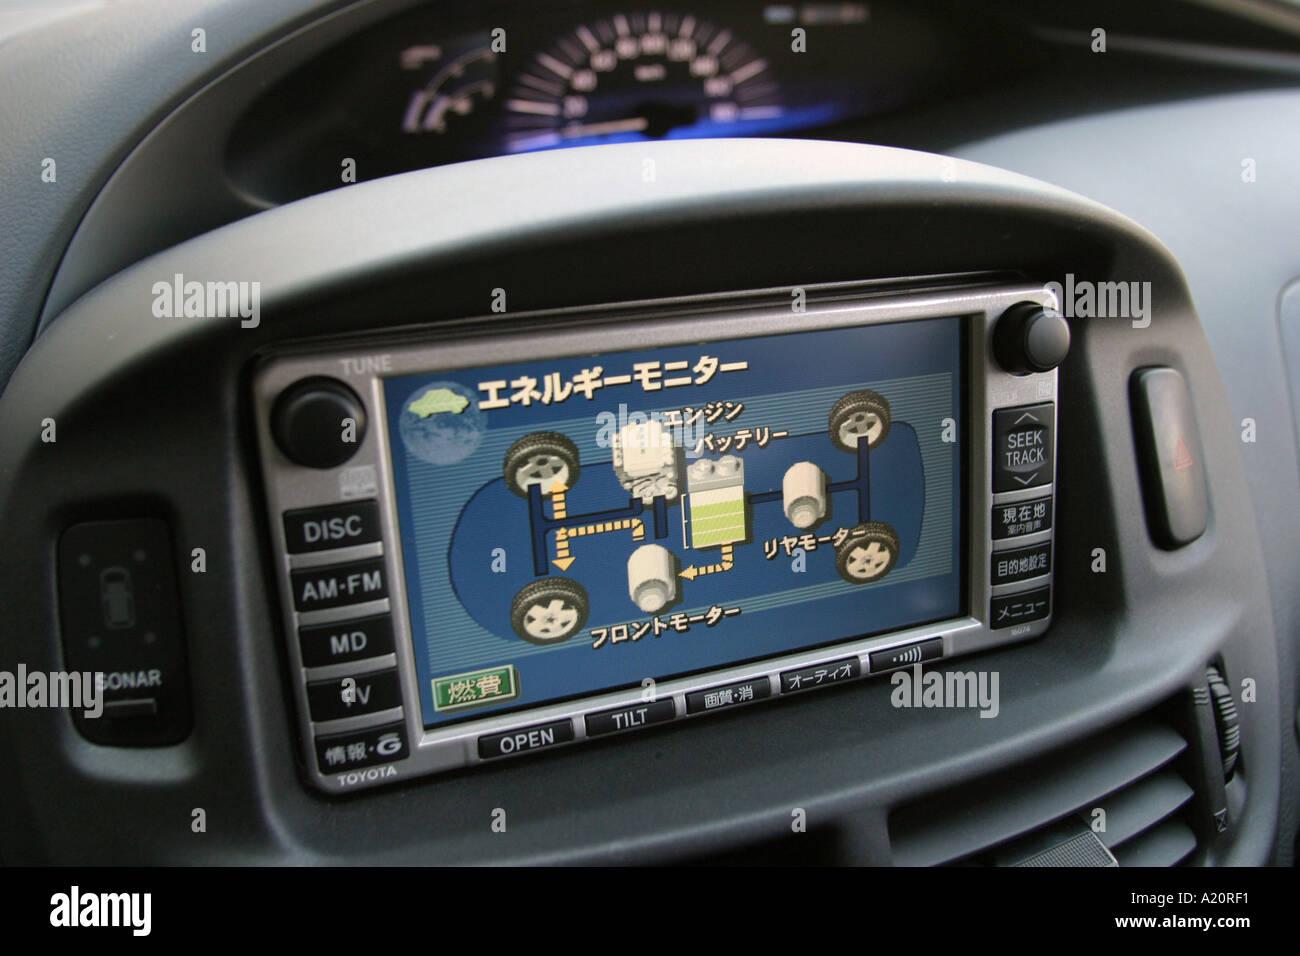 Toyota Estima hybrid véhicule sur la piste d'essai, Toyota MegaWeb, Tokyo, Japon Photo Stock